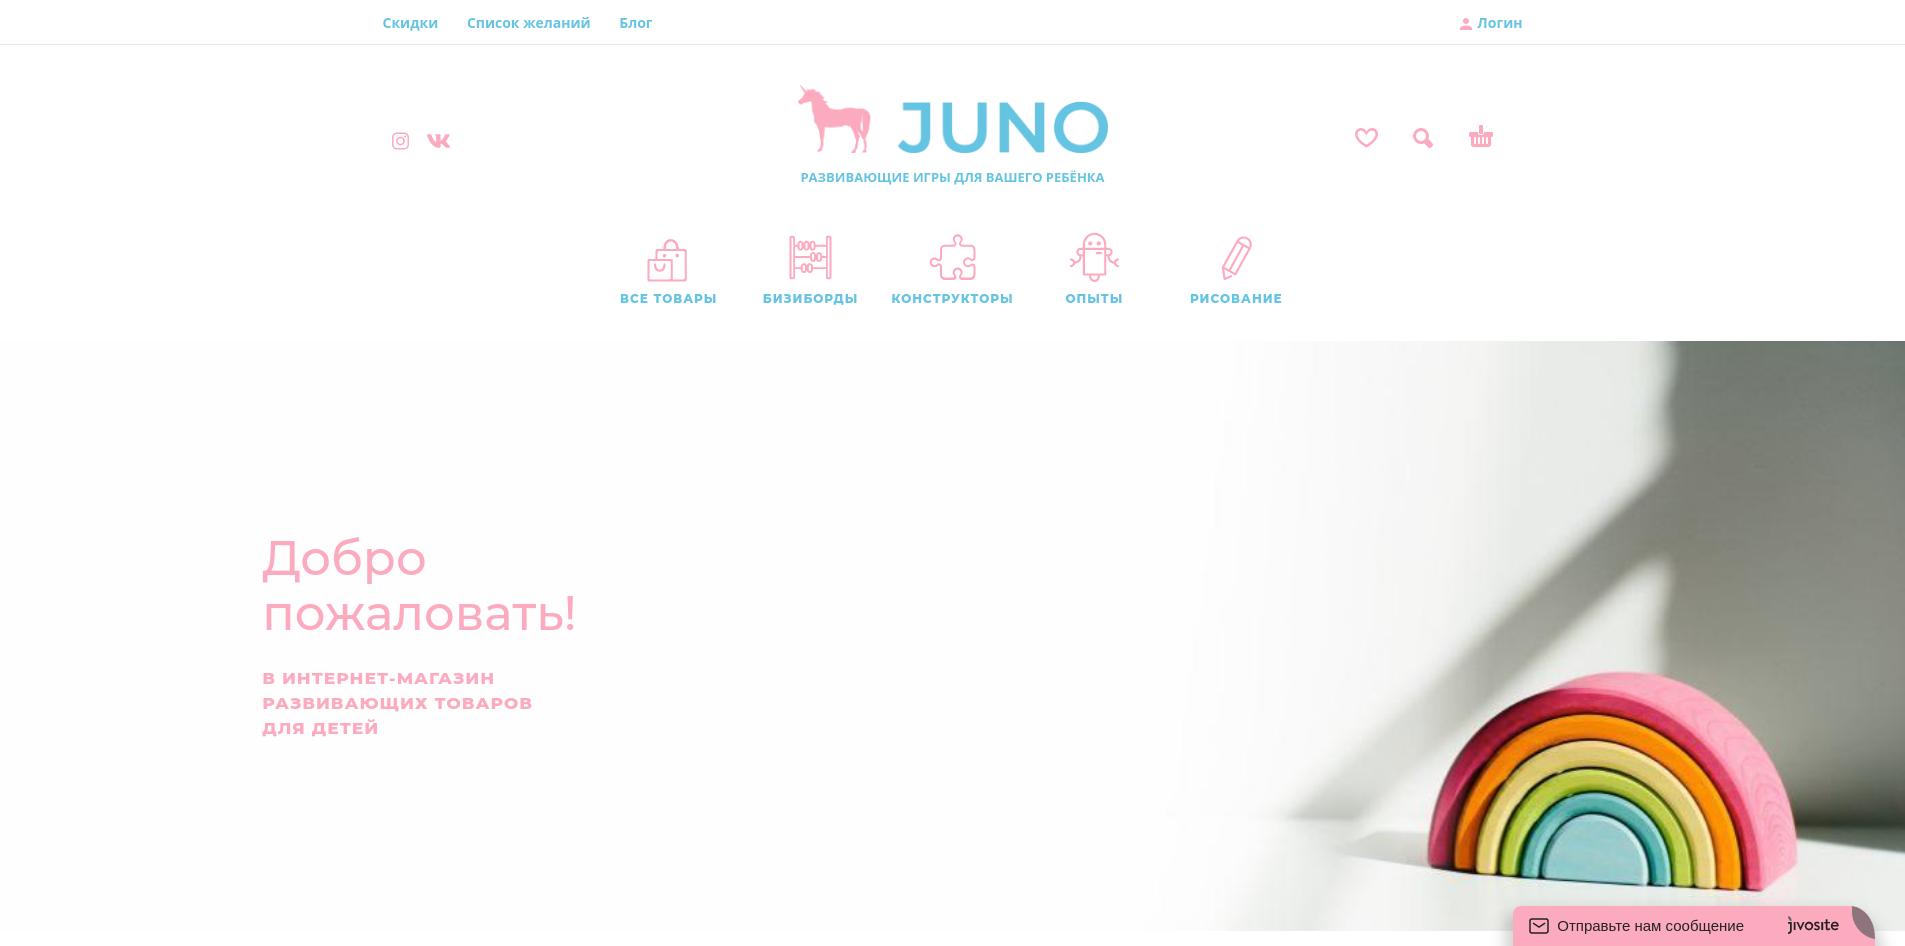 juno-shop.ru